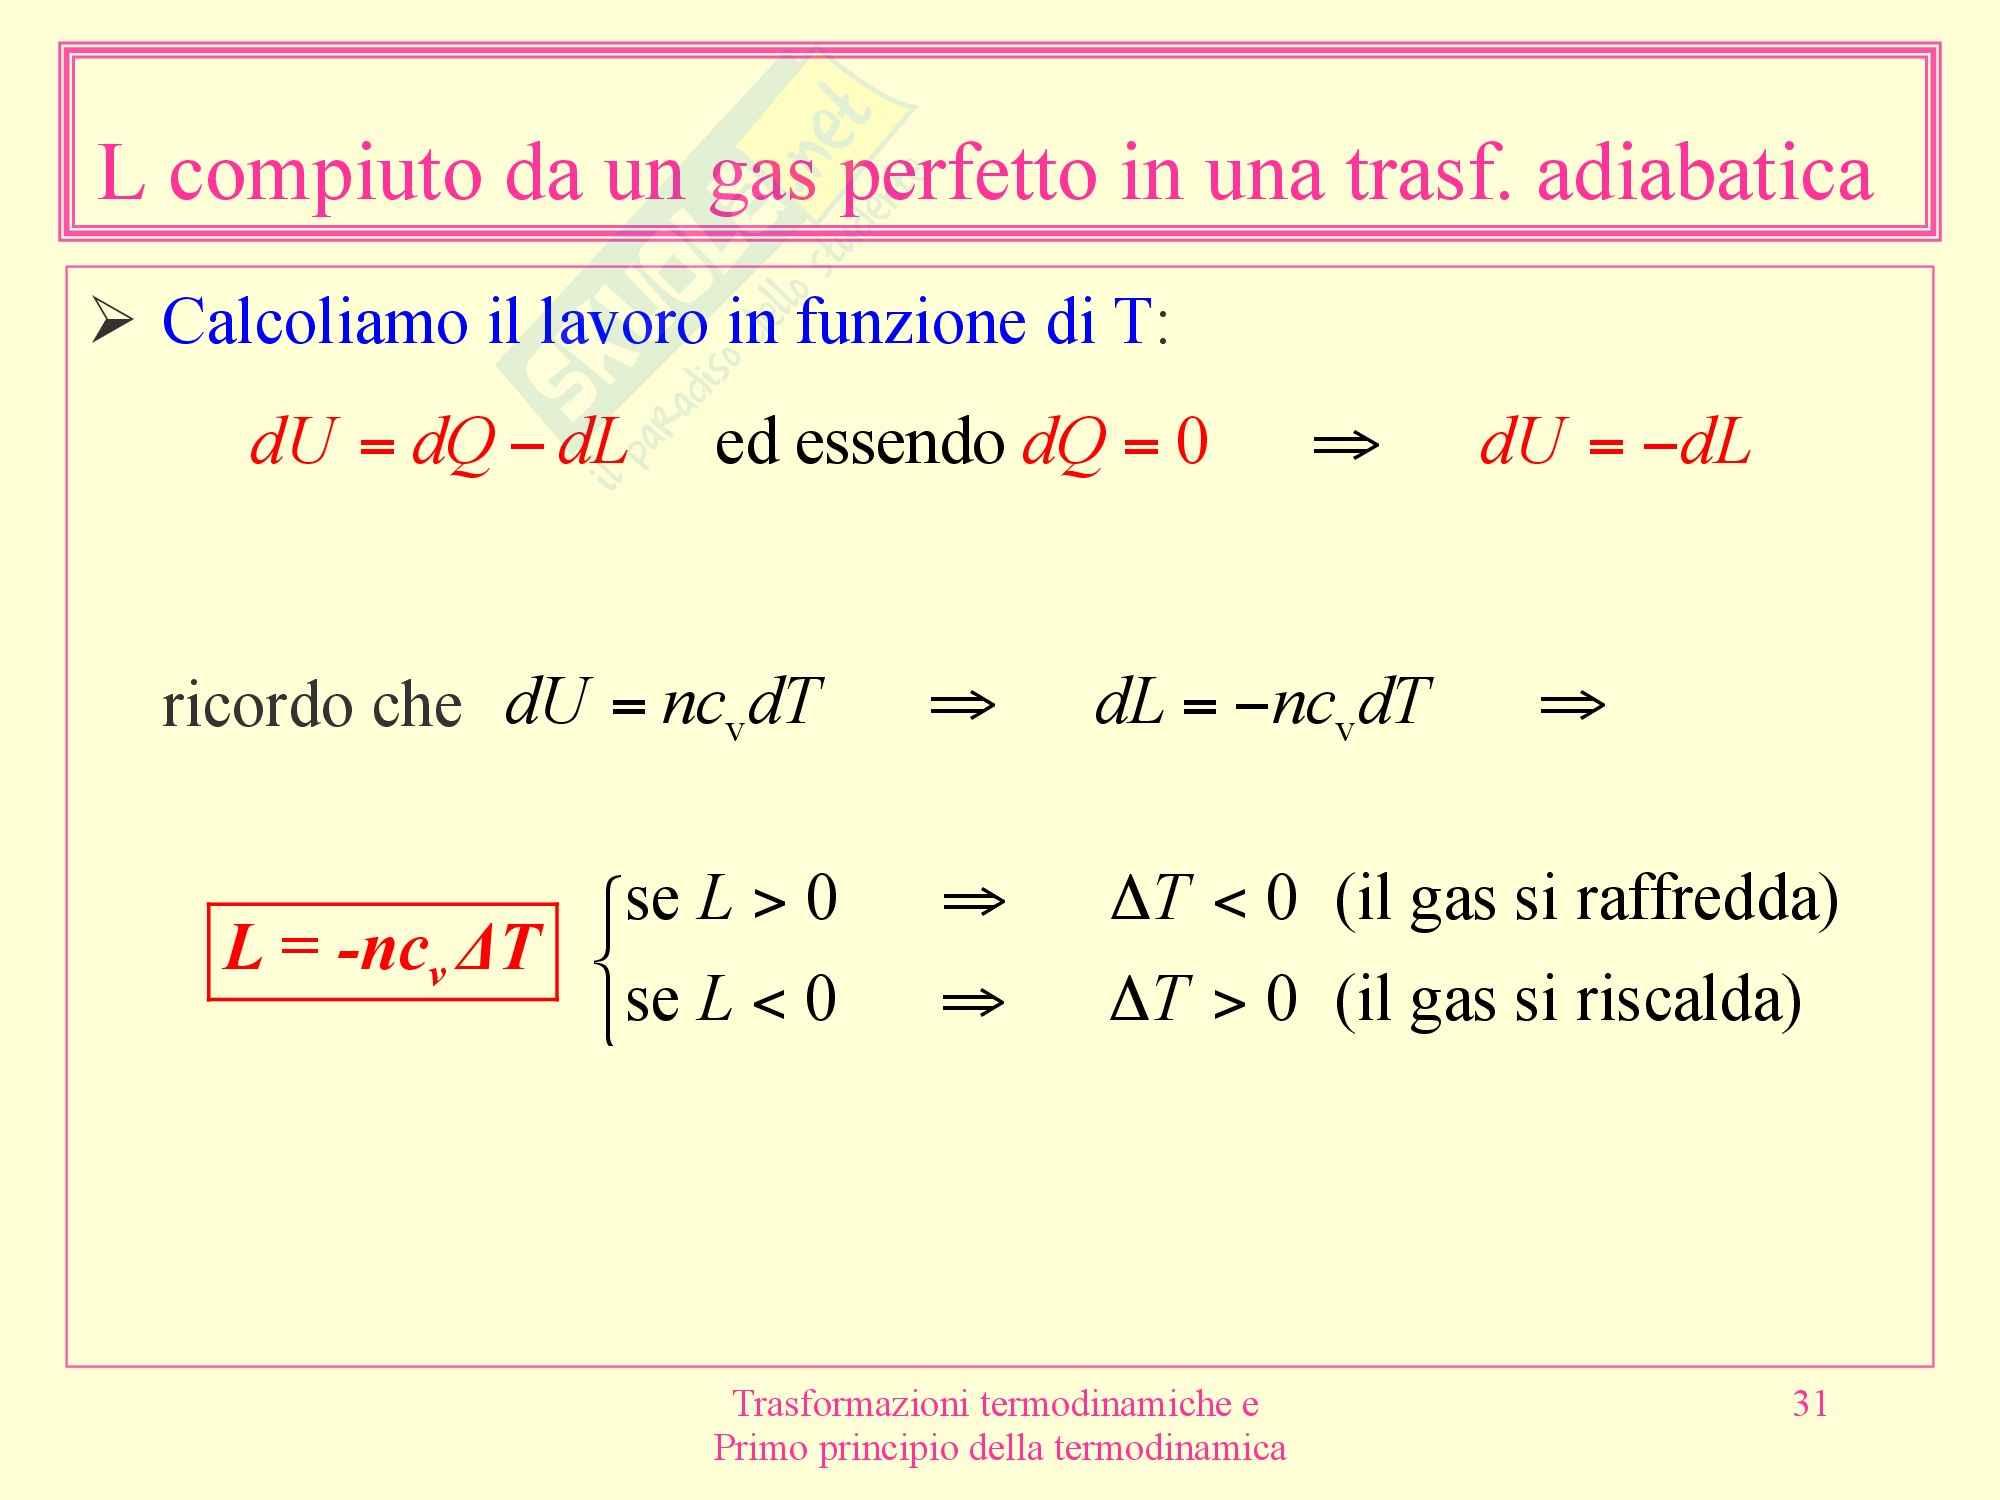 Fisica medica - termodinamica Pag. 31